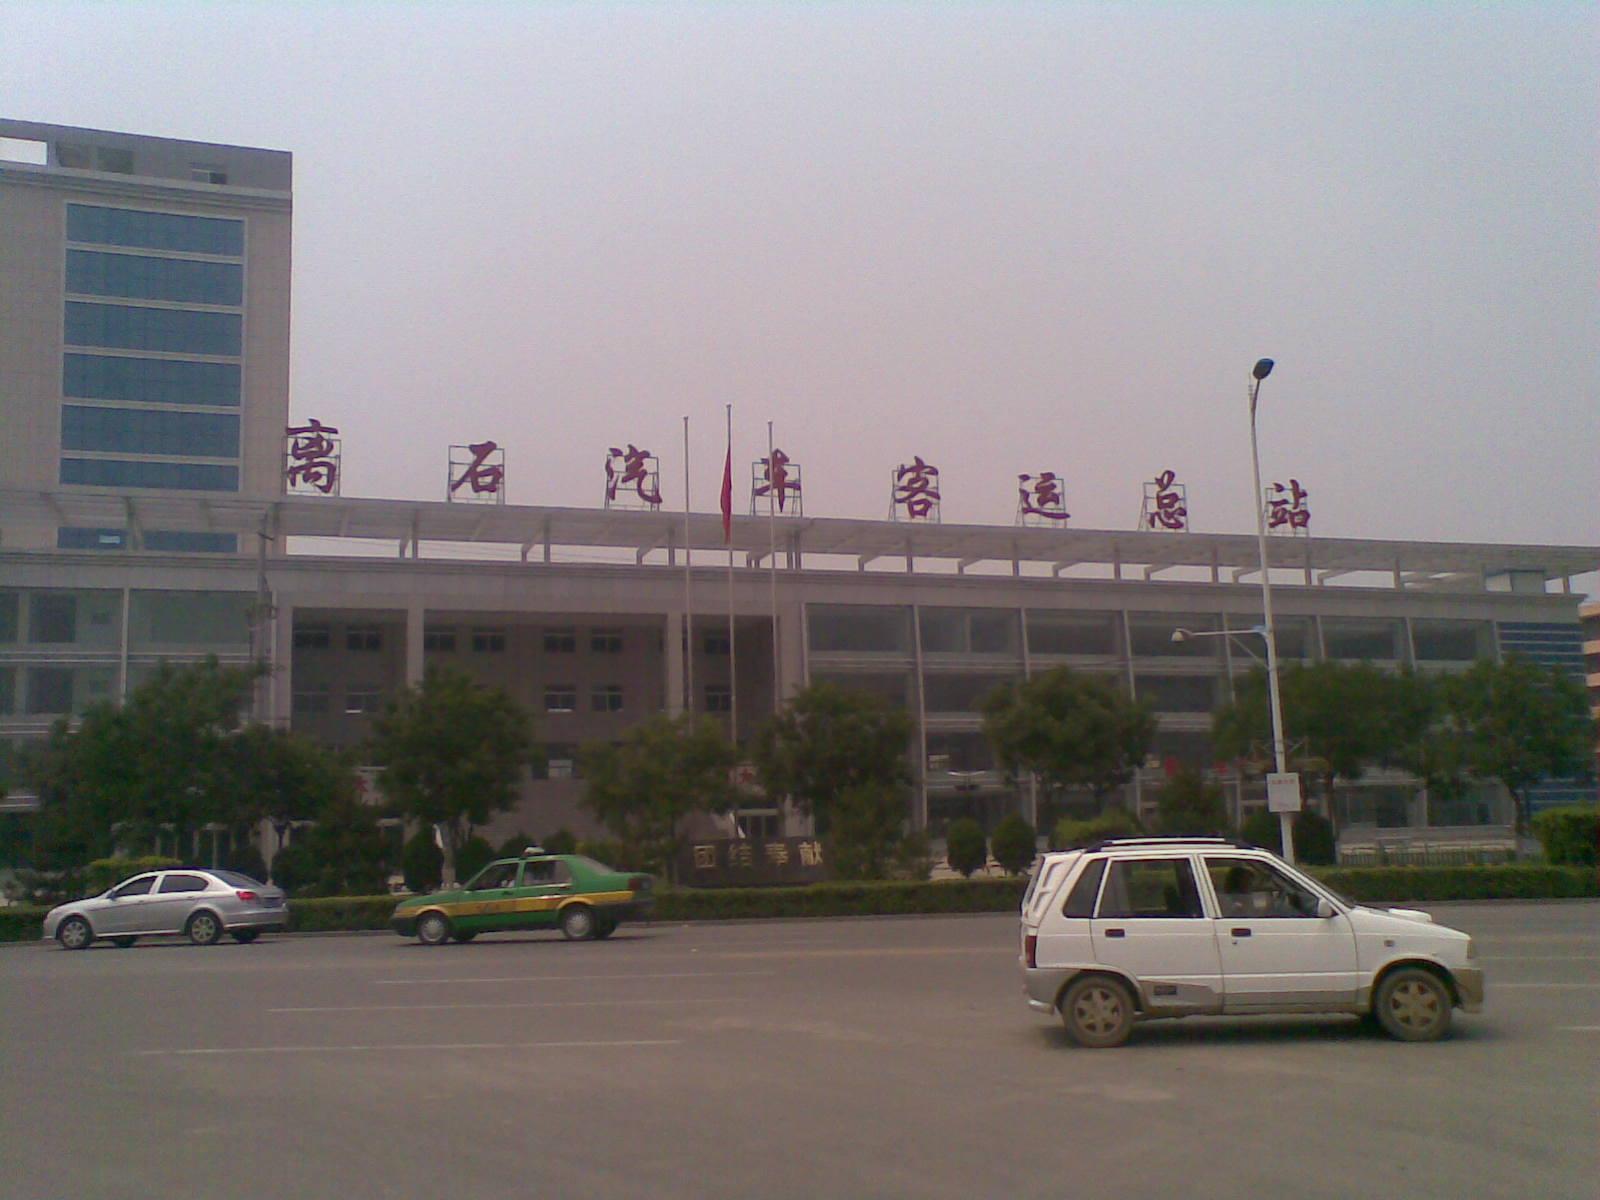 离石新汽车站, 吕梁 火车站(1600x1200)-吕梁汽车站 孝义汽车站时